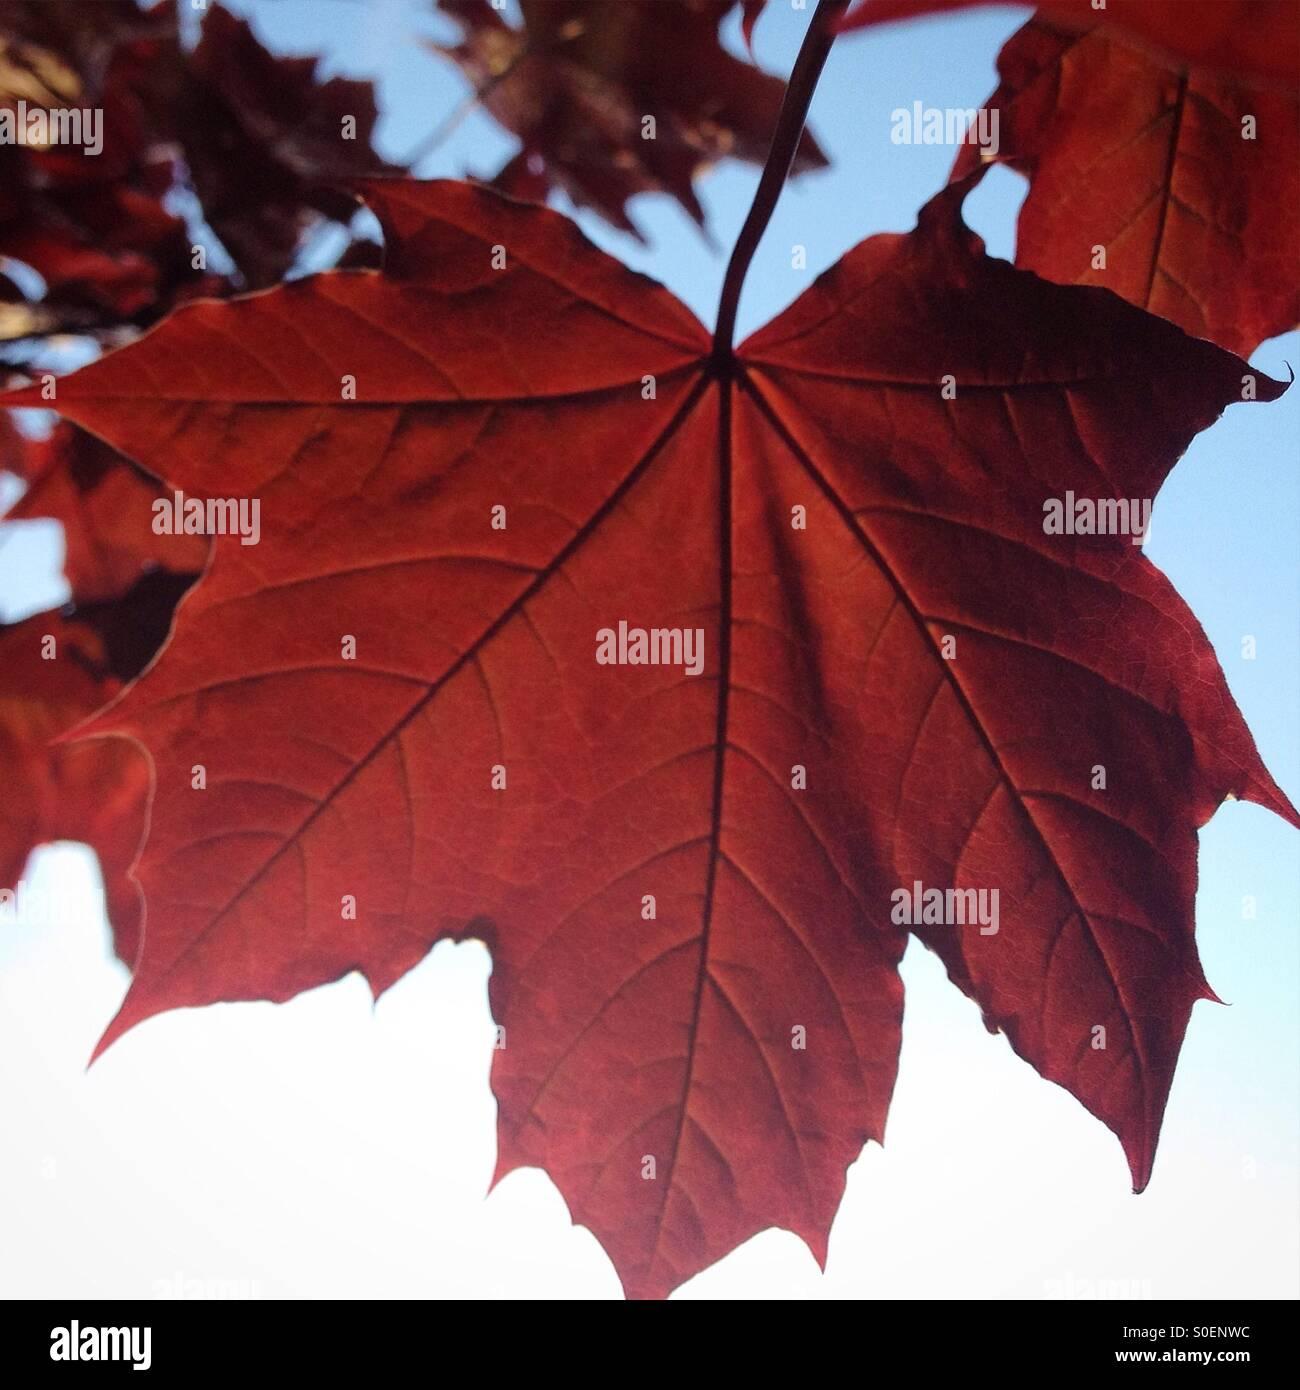 Acer leaf against blue sky - Stock Image